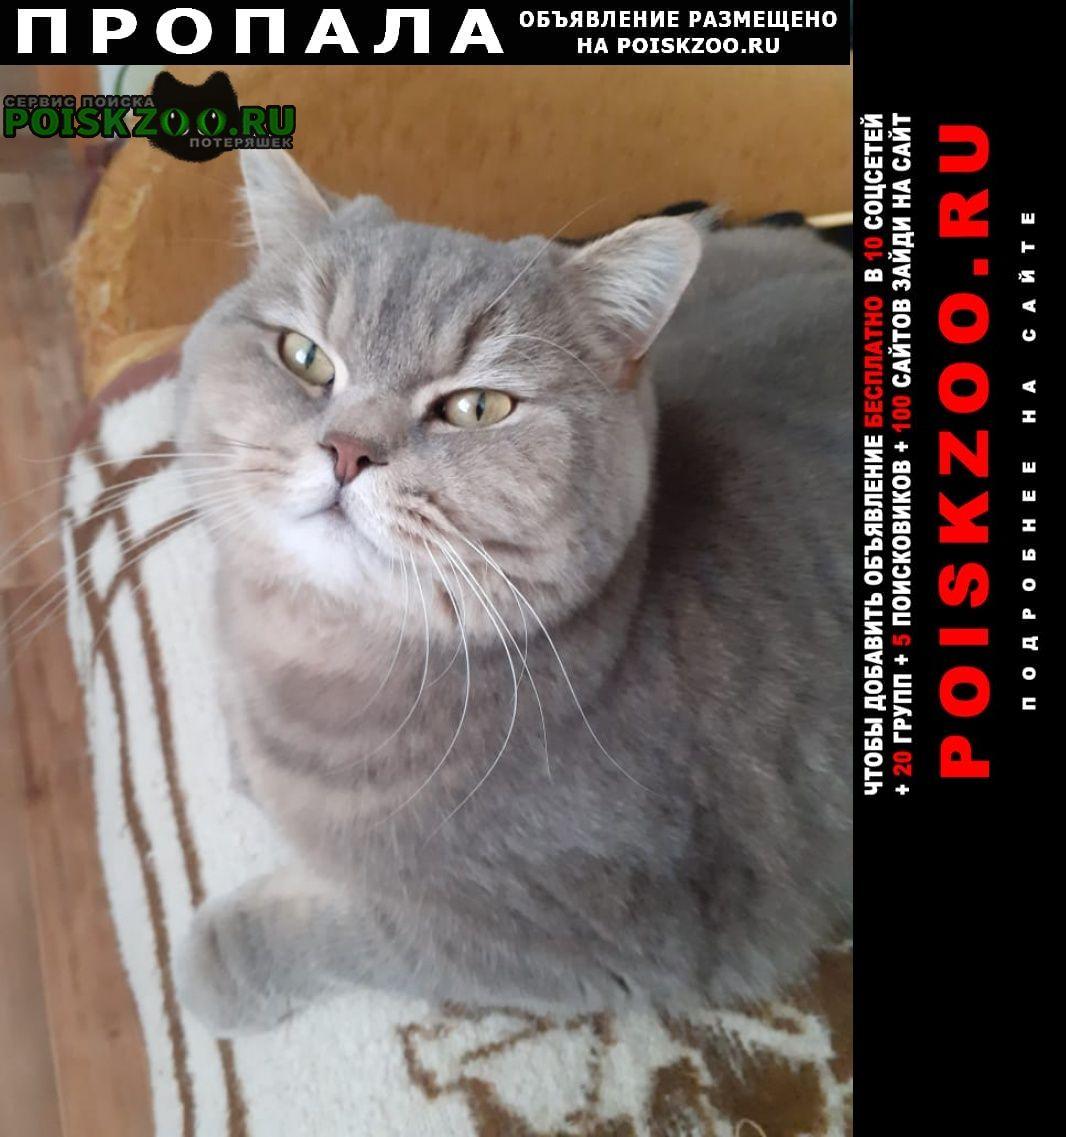 Пропал кот, автовокзал Саратов